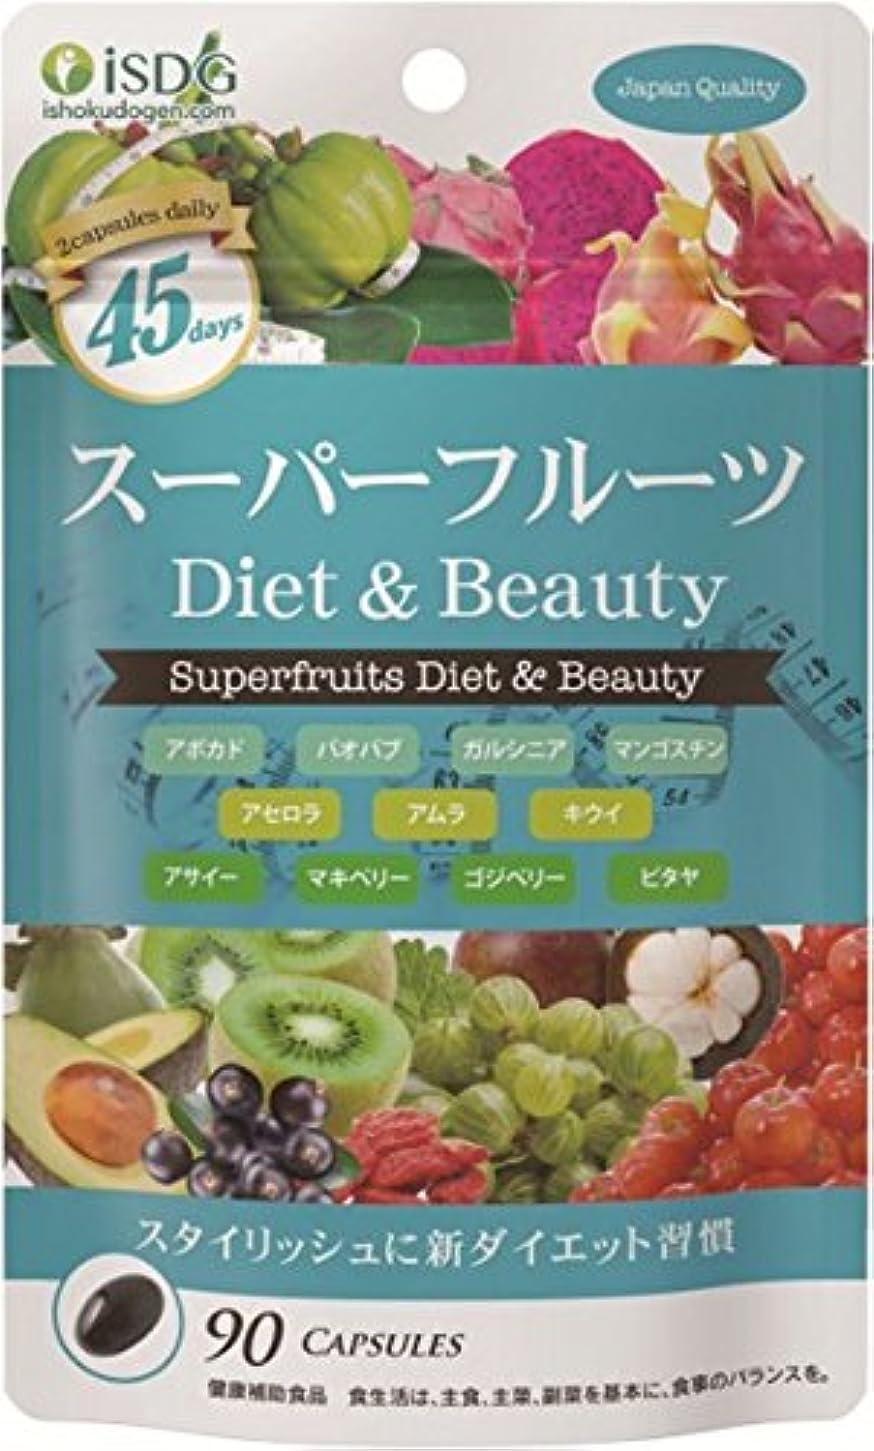 階段怠惰急速な医食同源ドットコム スーパーフルーツ Diet & Beauty 470mg×90粒